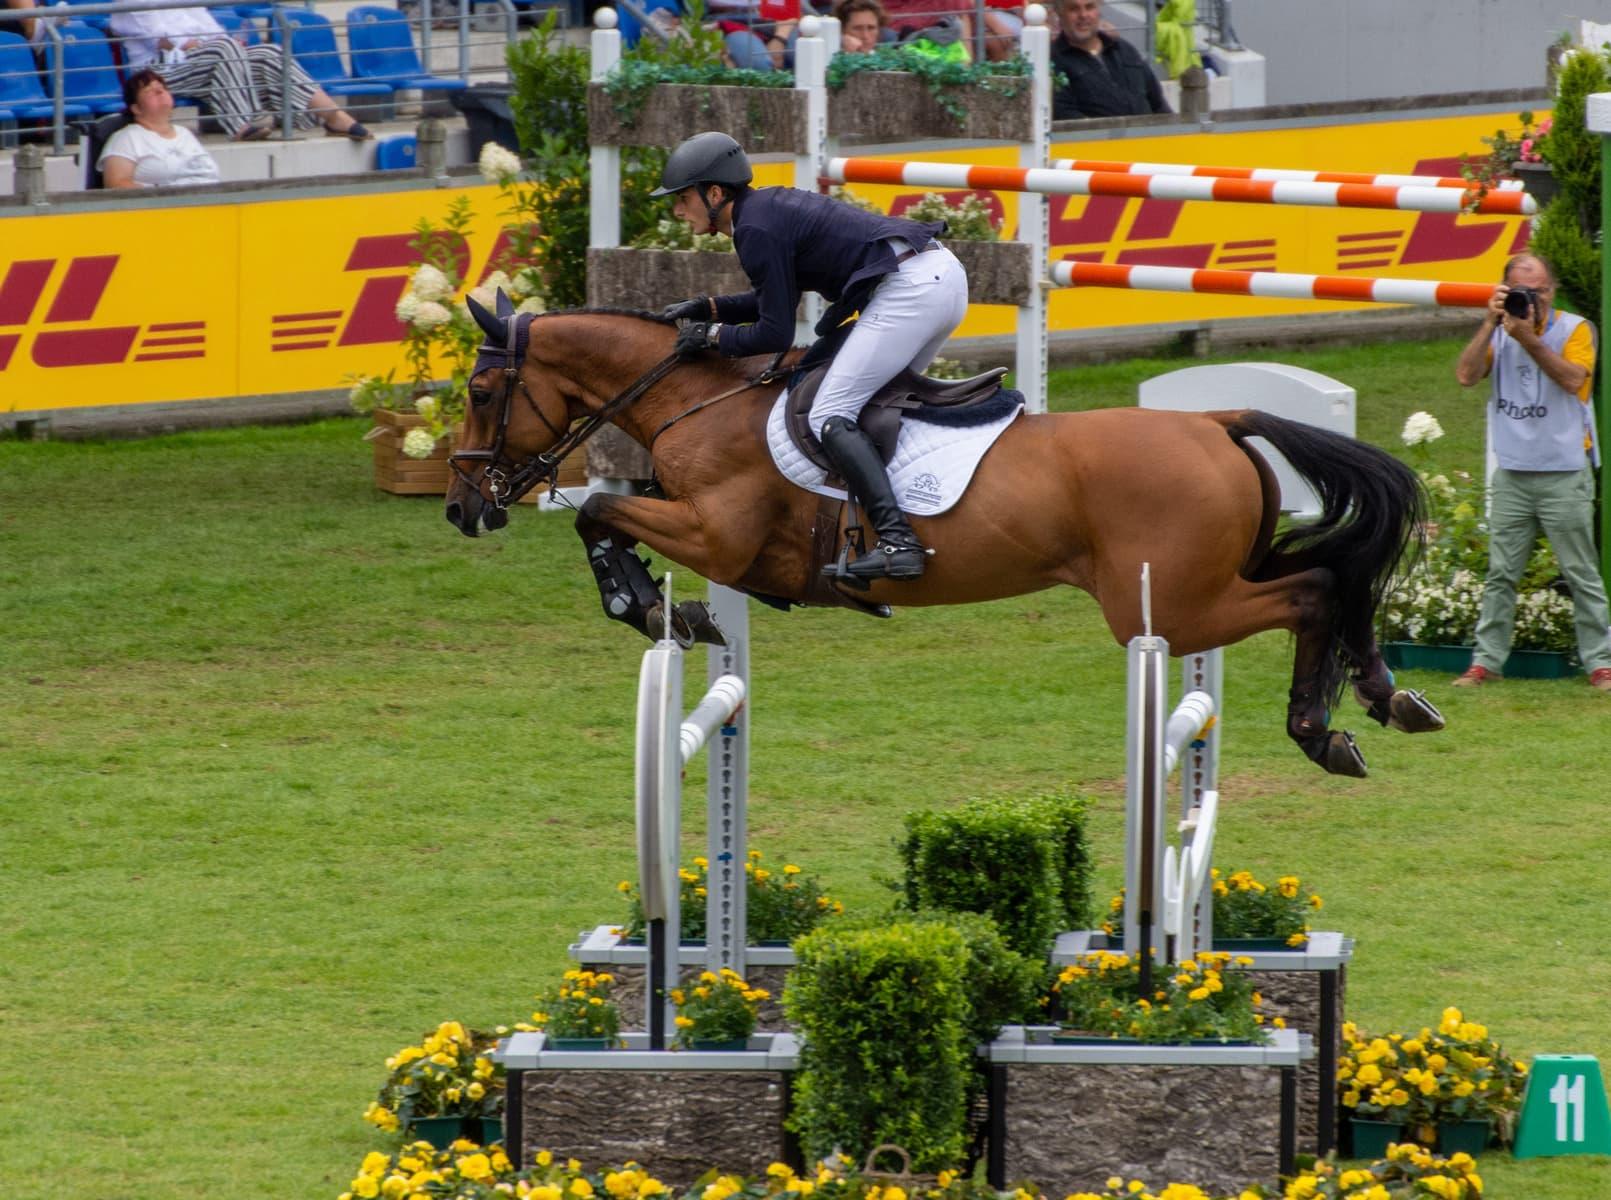 Pferdefestival Redefin 2021 –  Richard Vogel mit souveränem Sieg im Großen Preis